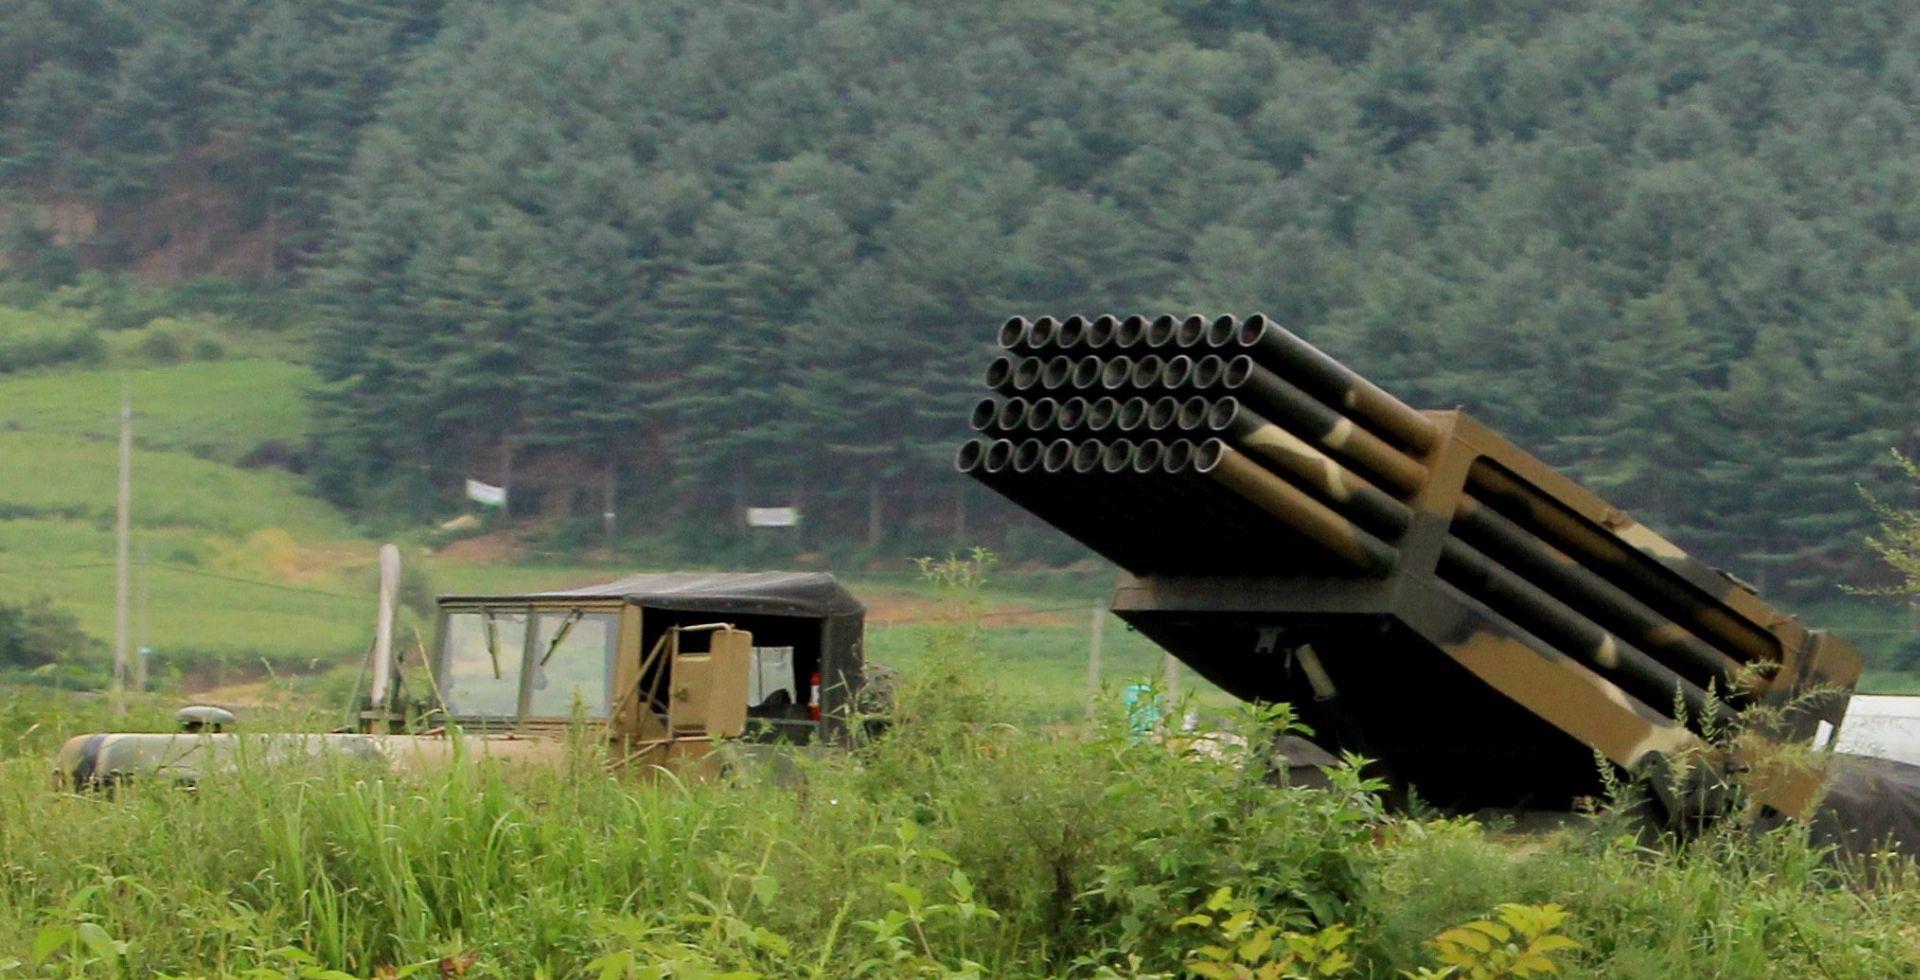 AGENCIJA YONHAP Dogovoreno ublažavanje napetosti između Sjeverne i Južne Koreje